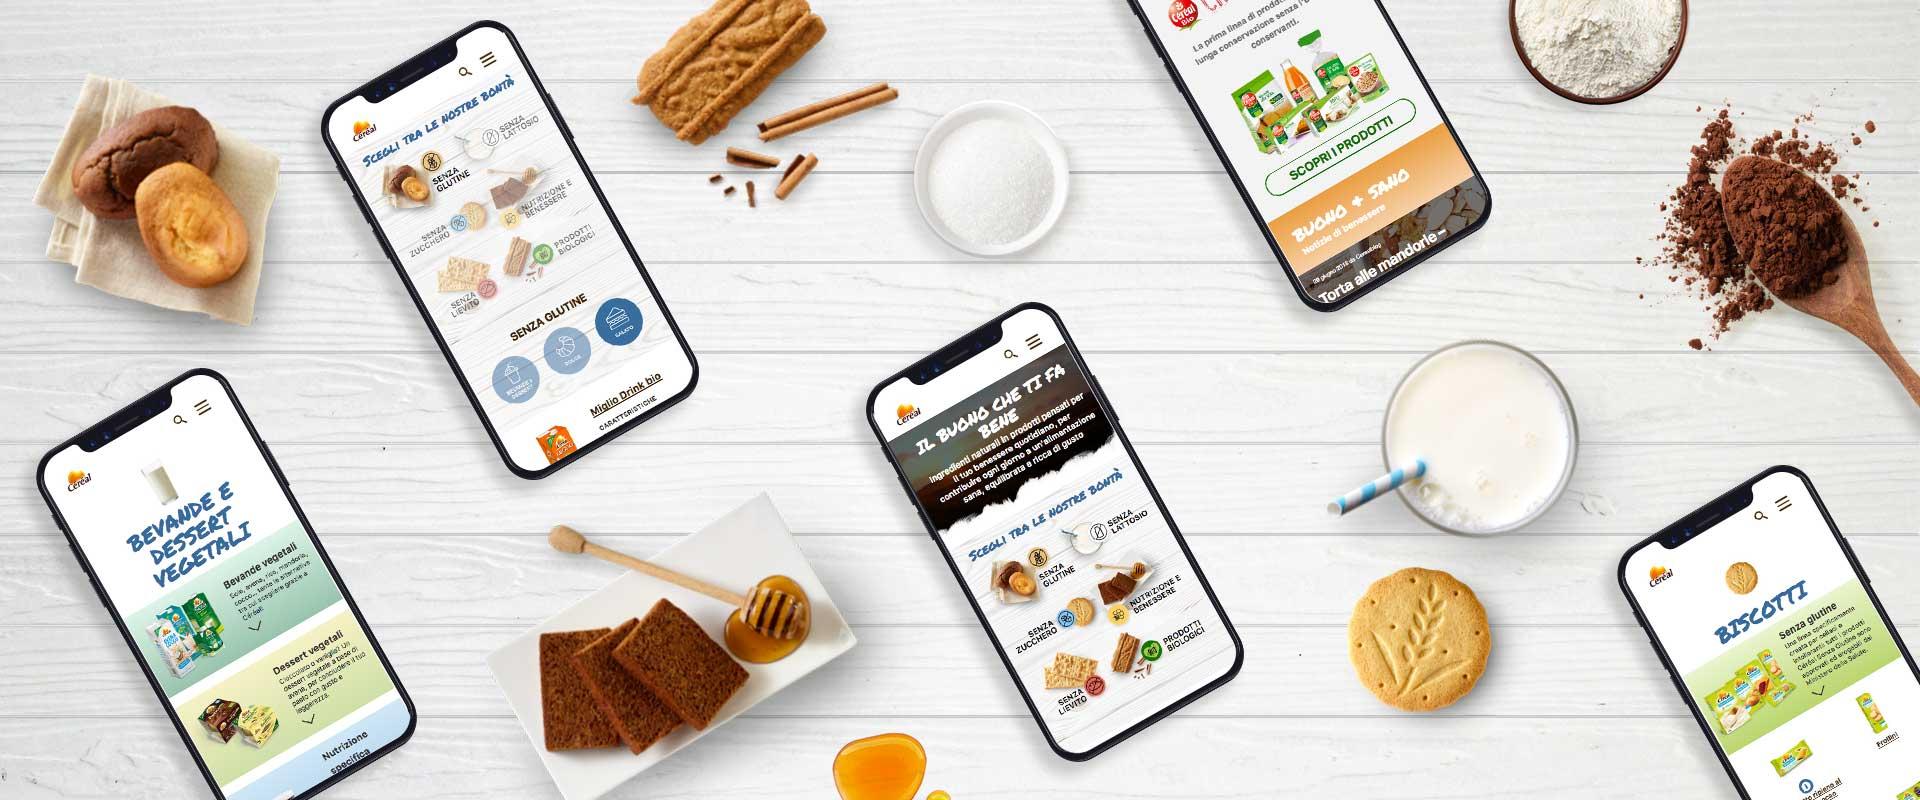 mobile design per il corporate website di Cereal